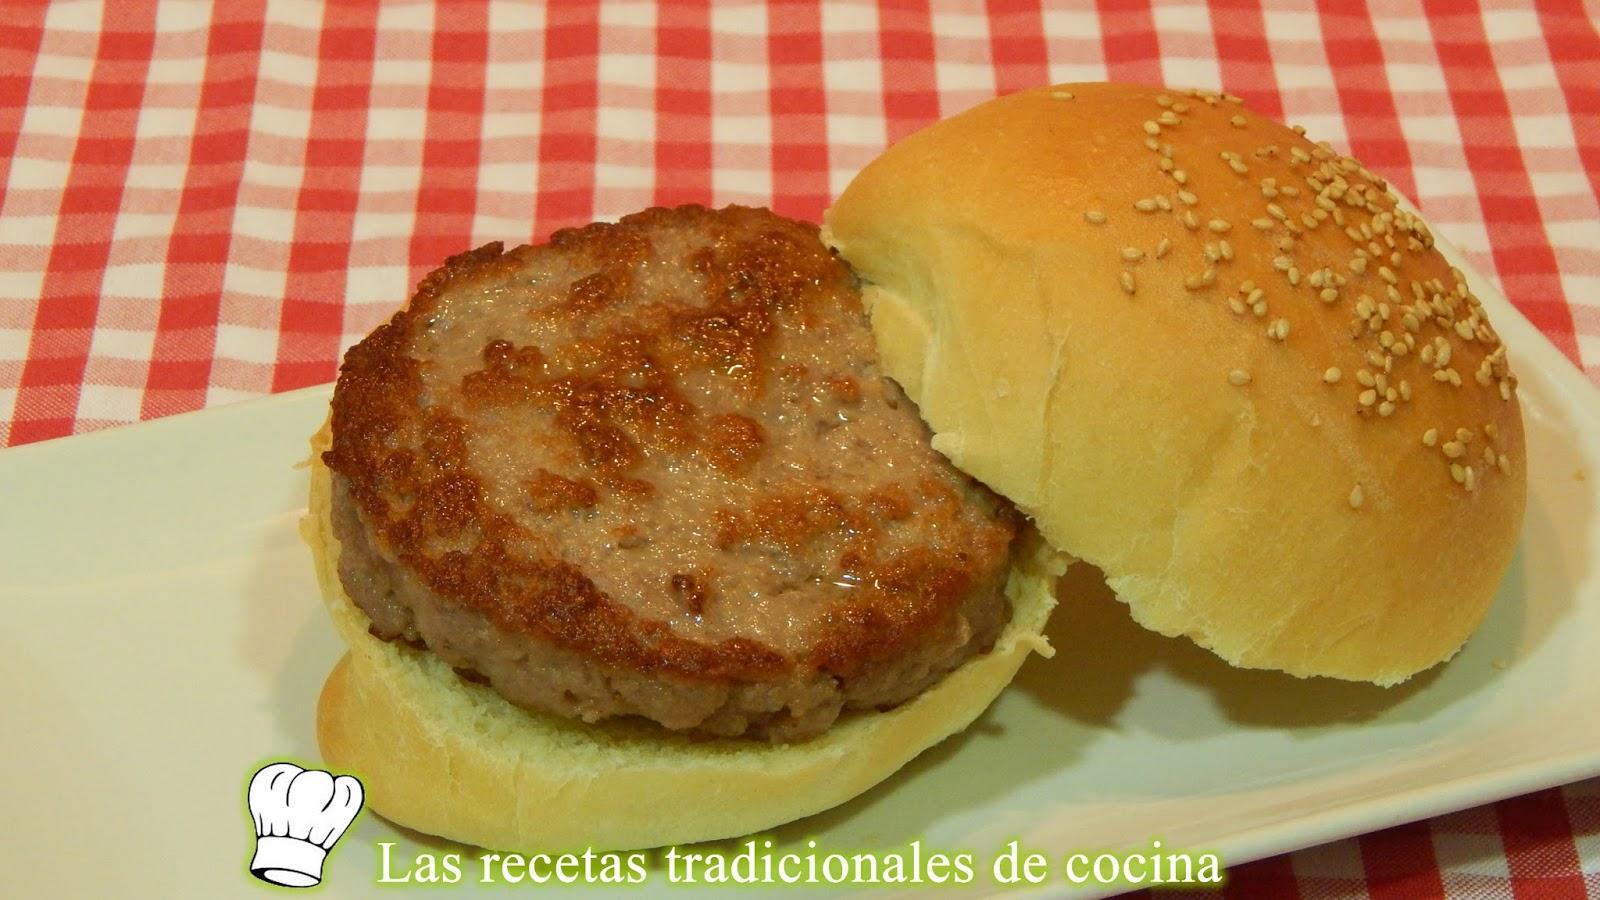 C mo hacer hamburguesas caseras recetas de cocina con - Hamburguesas vegetarianas caseras ...